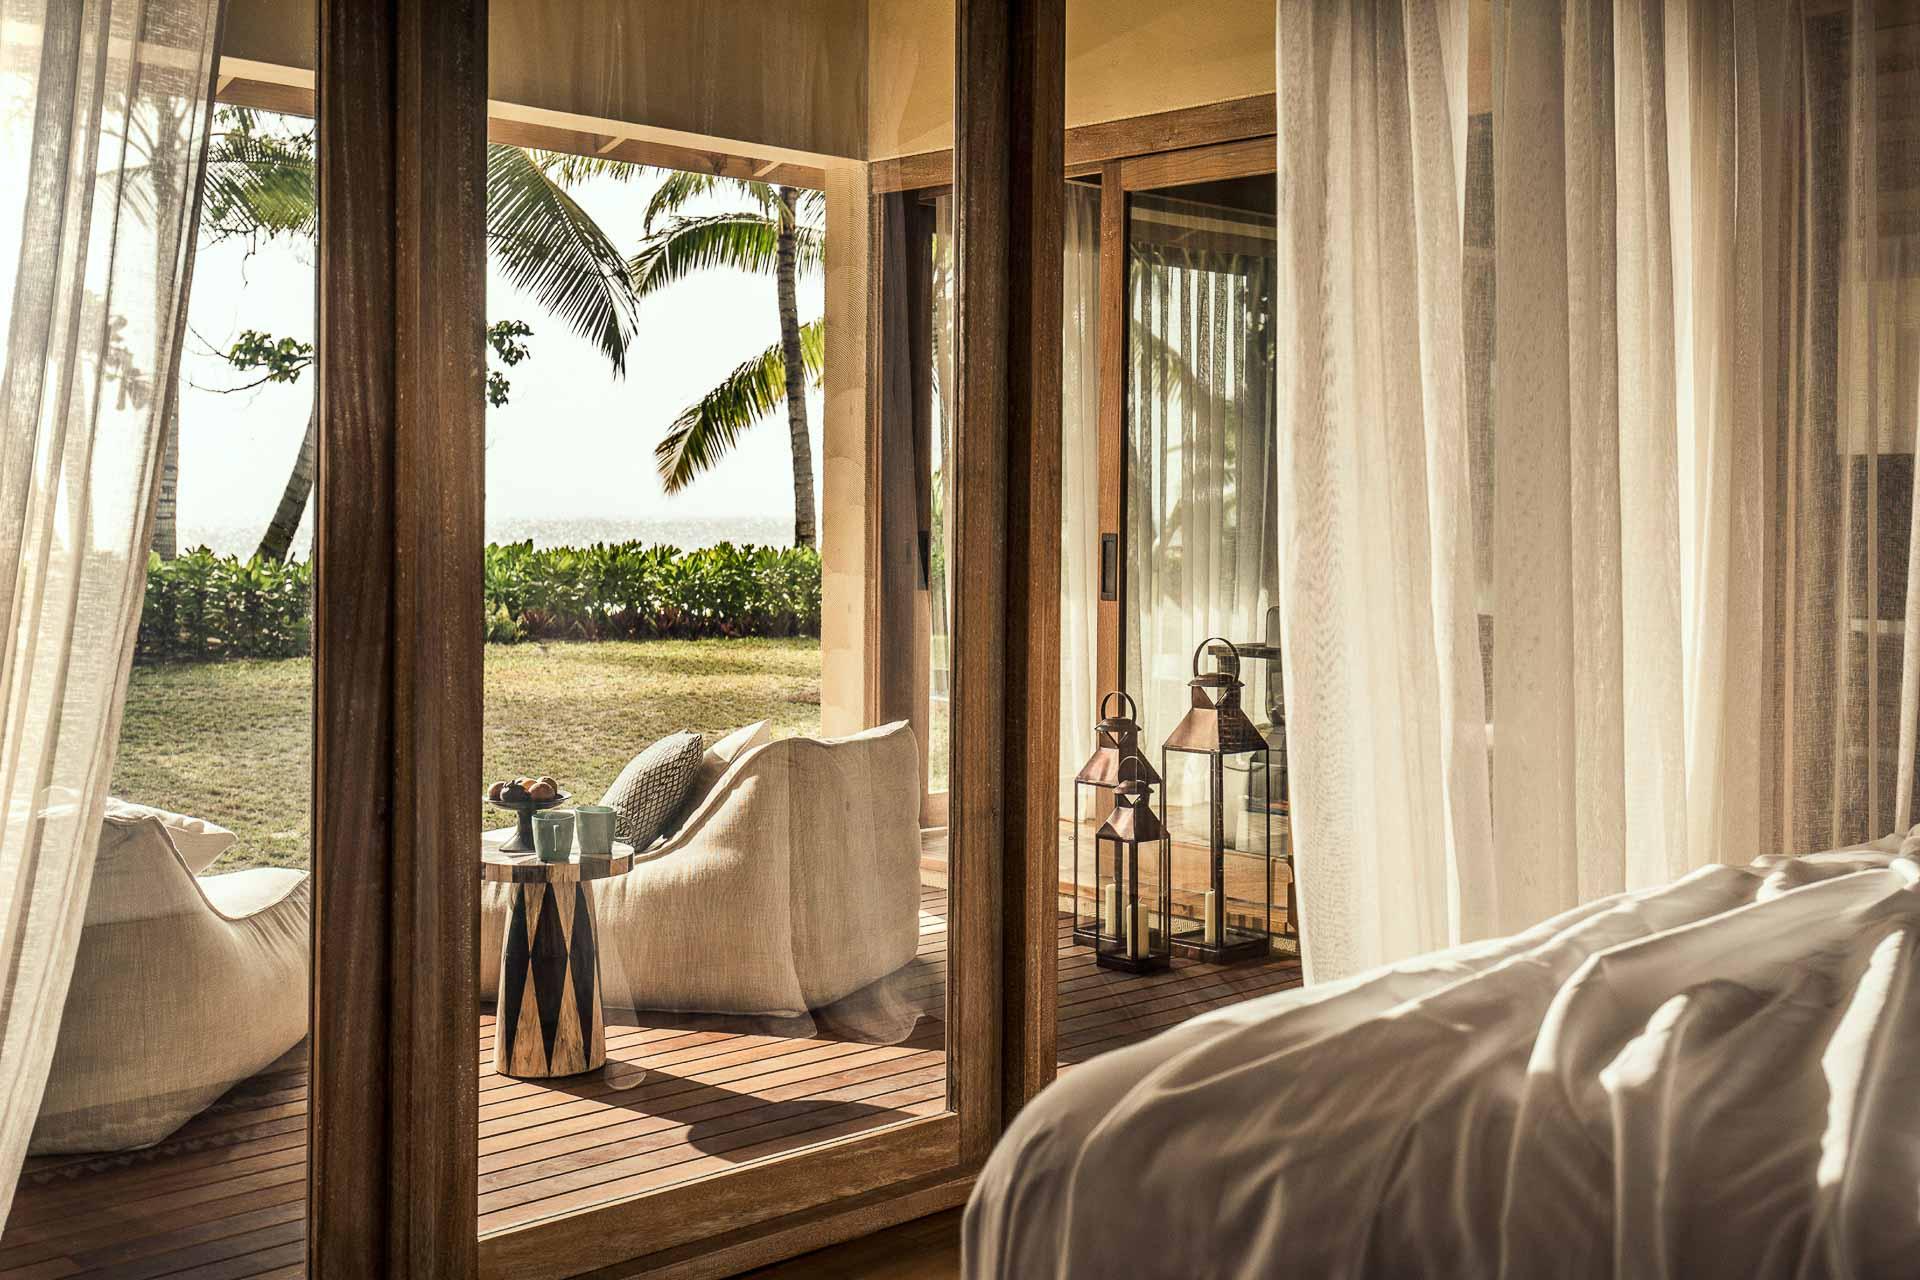 Les chambres, suites et villas affichent une décoration «rustique chic » pour une meilleure intégration avec la nature environnante